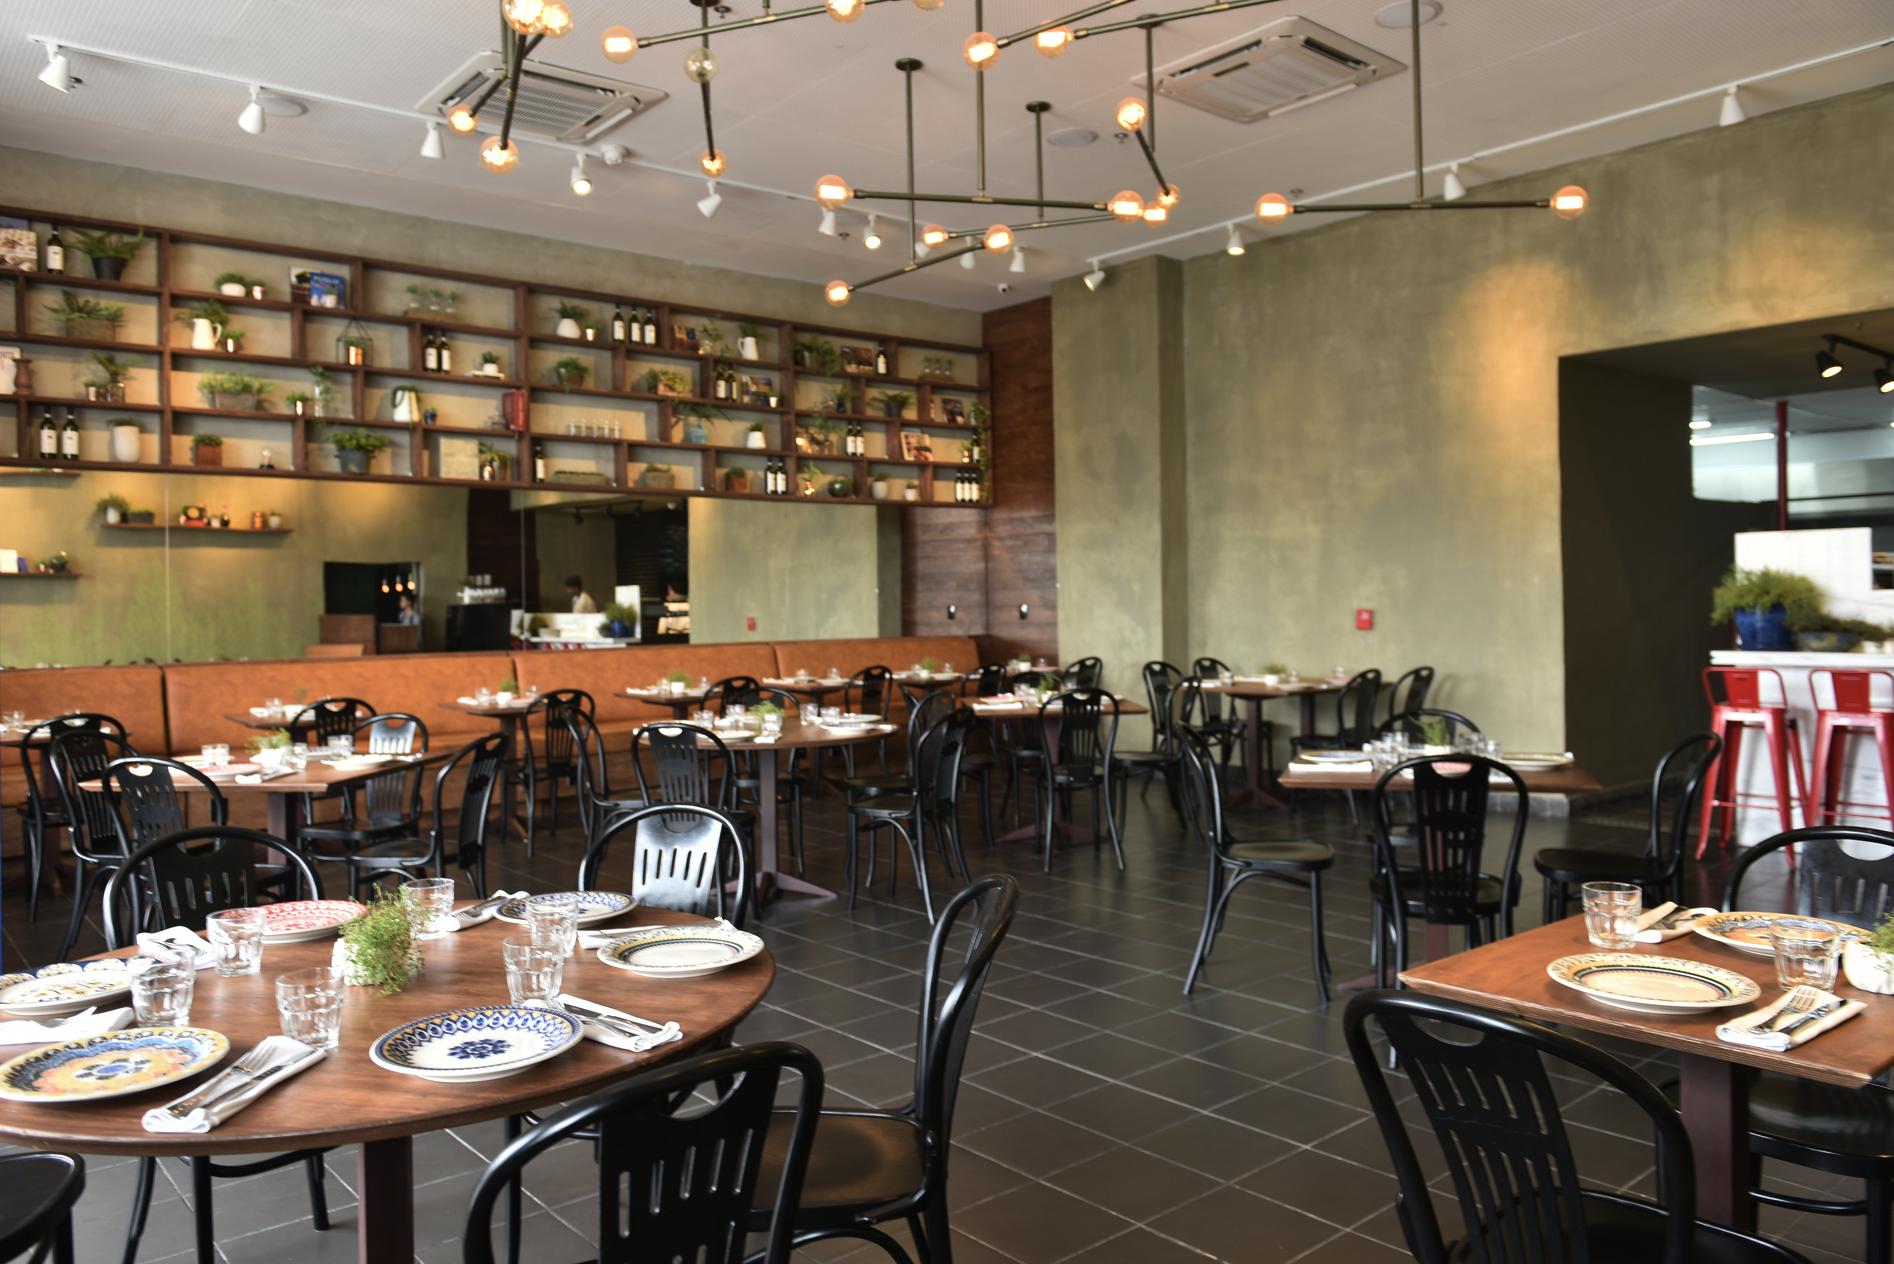 Restaurante TIMO oferece 'passeio pela Itália' com sua gastronomia diversificada